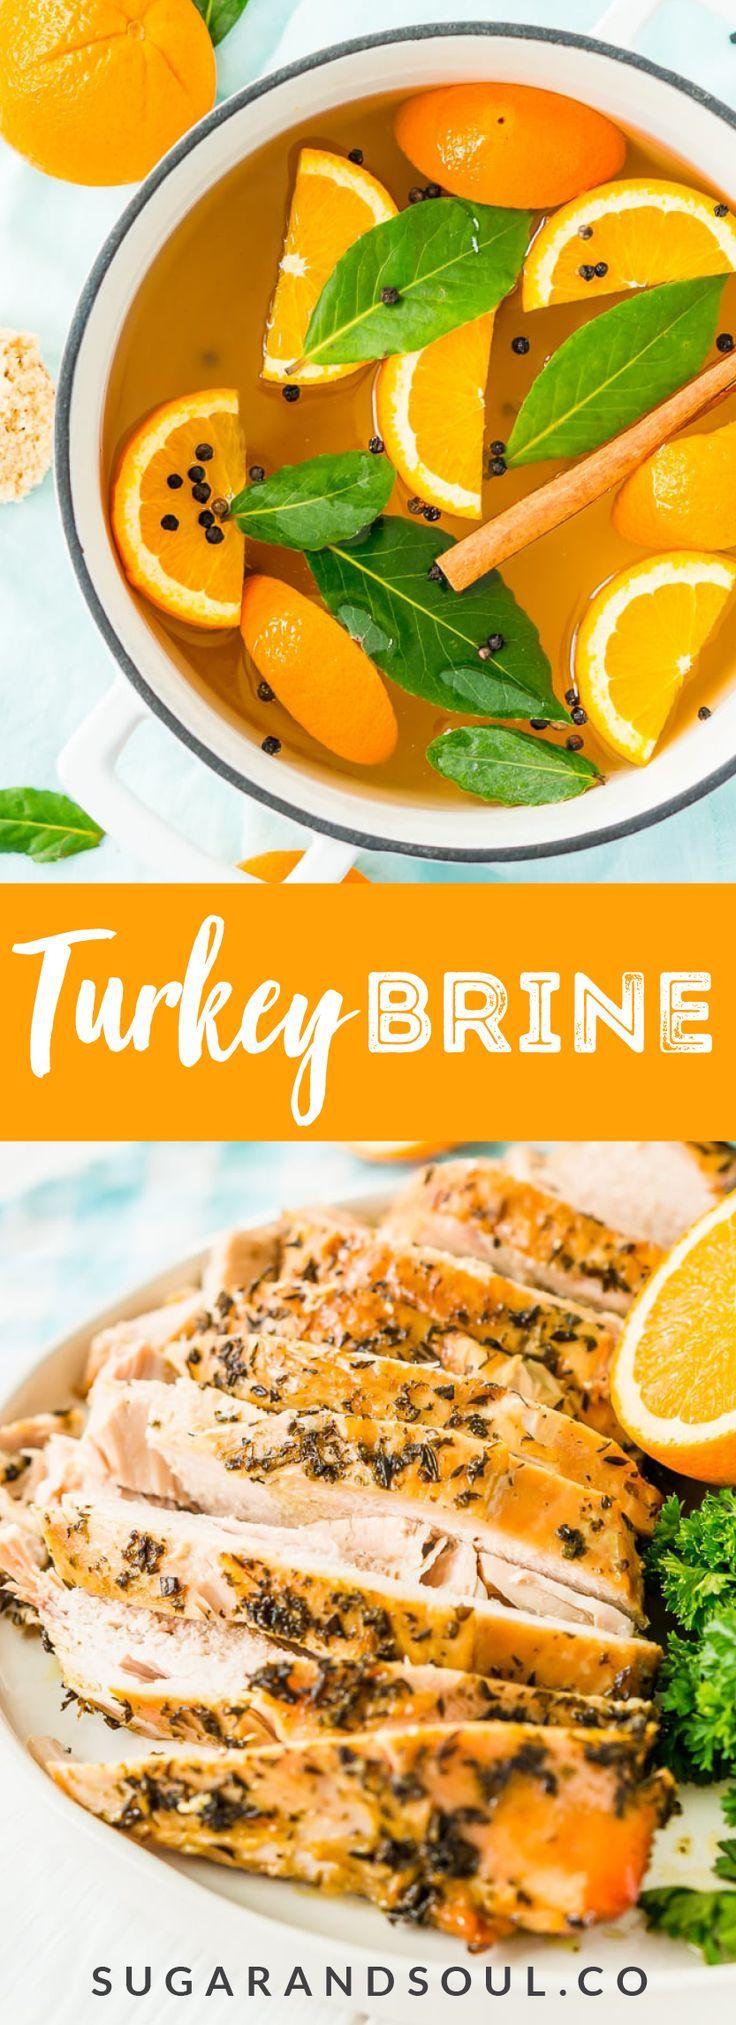 Turkey Brine Recipe For A Tender Turkey (with video) | Sugar & Soul